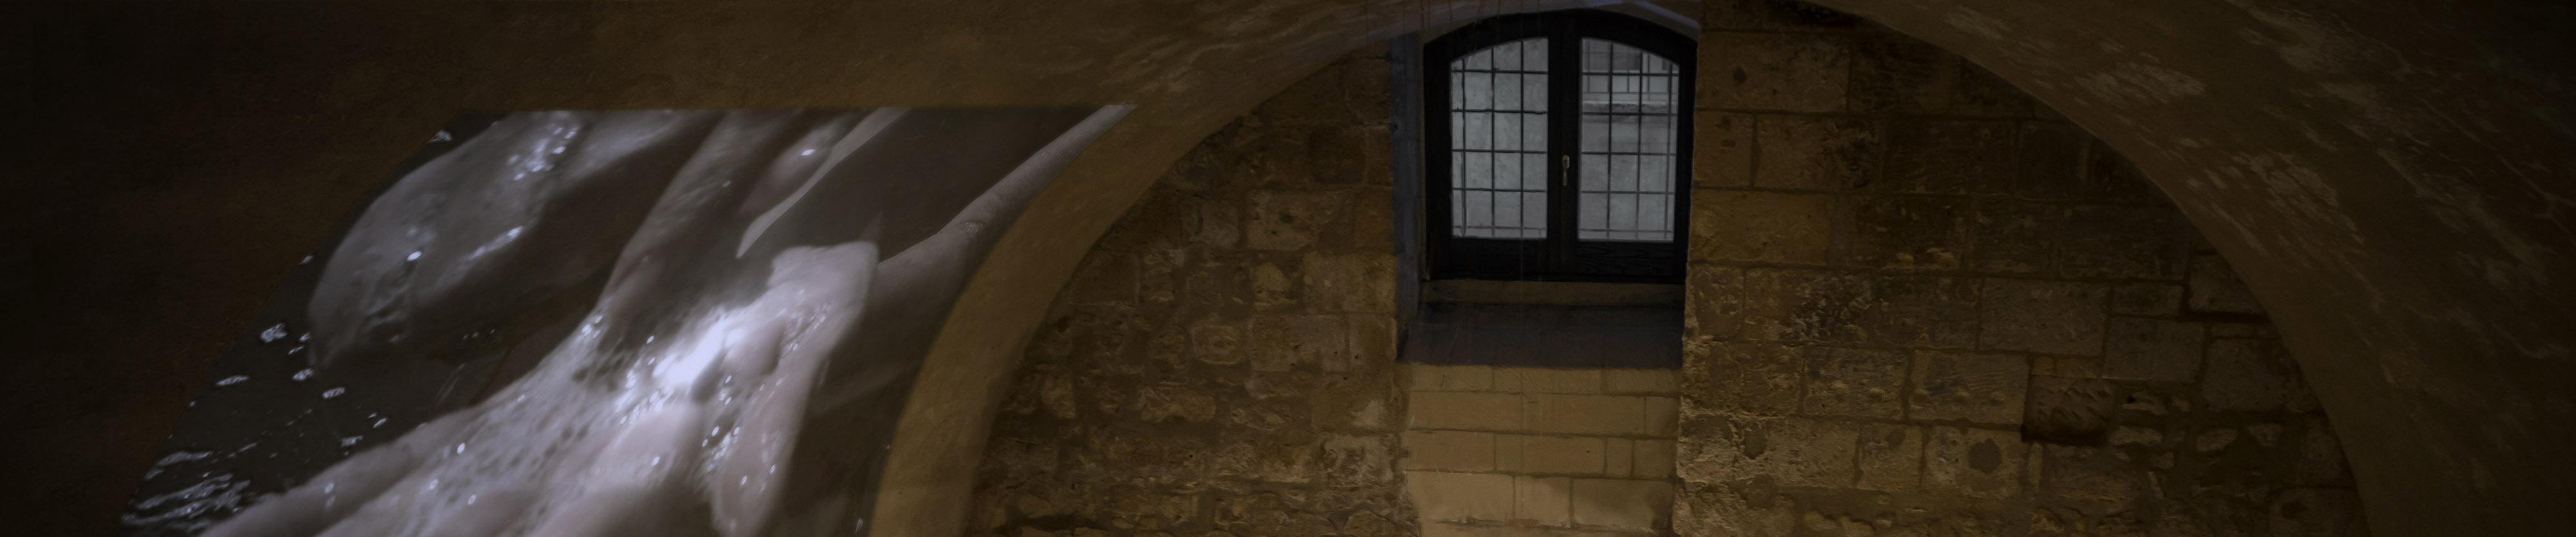 Palazzo Castromediano Vernazza video exhibition banner grimanesa amoros